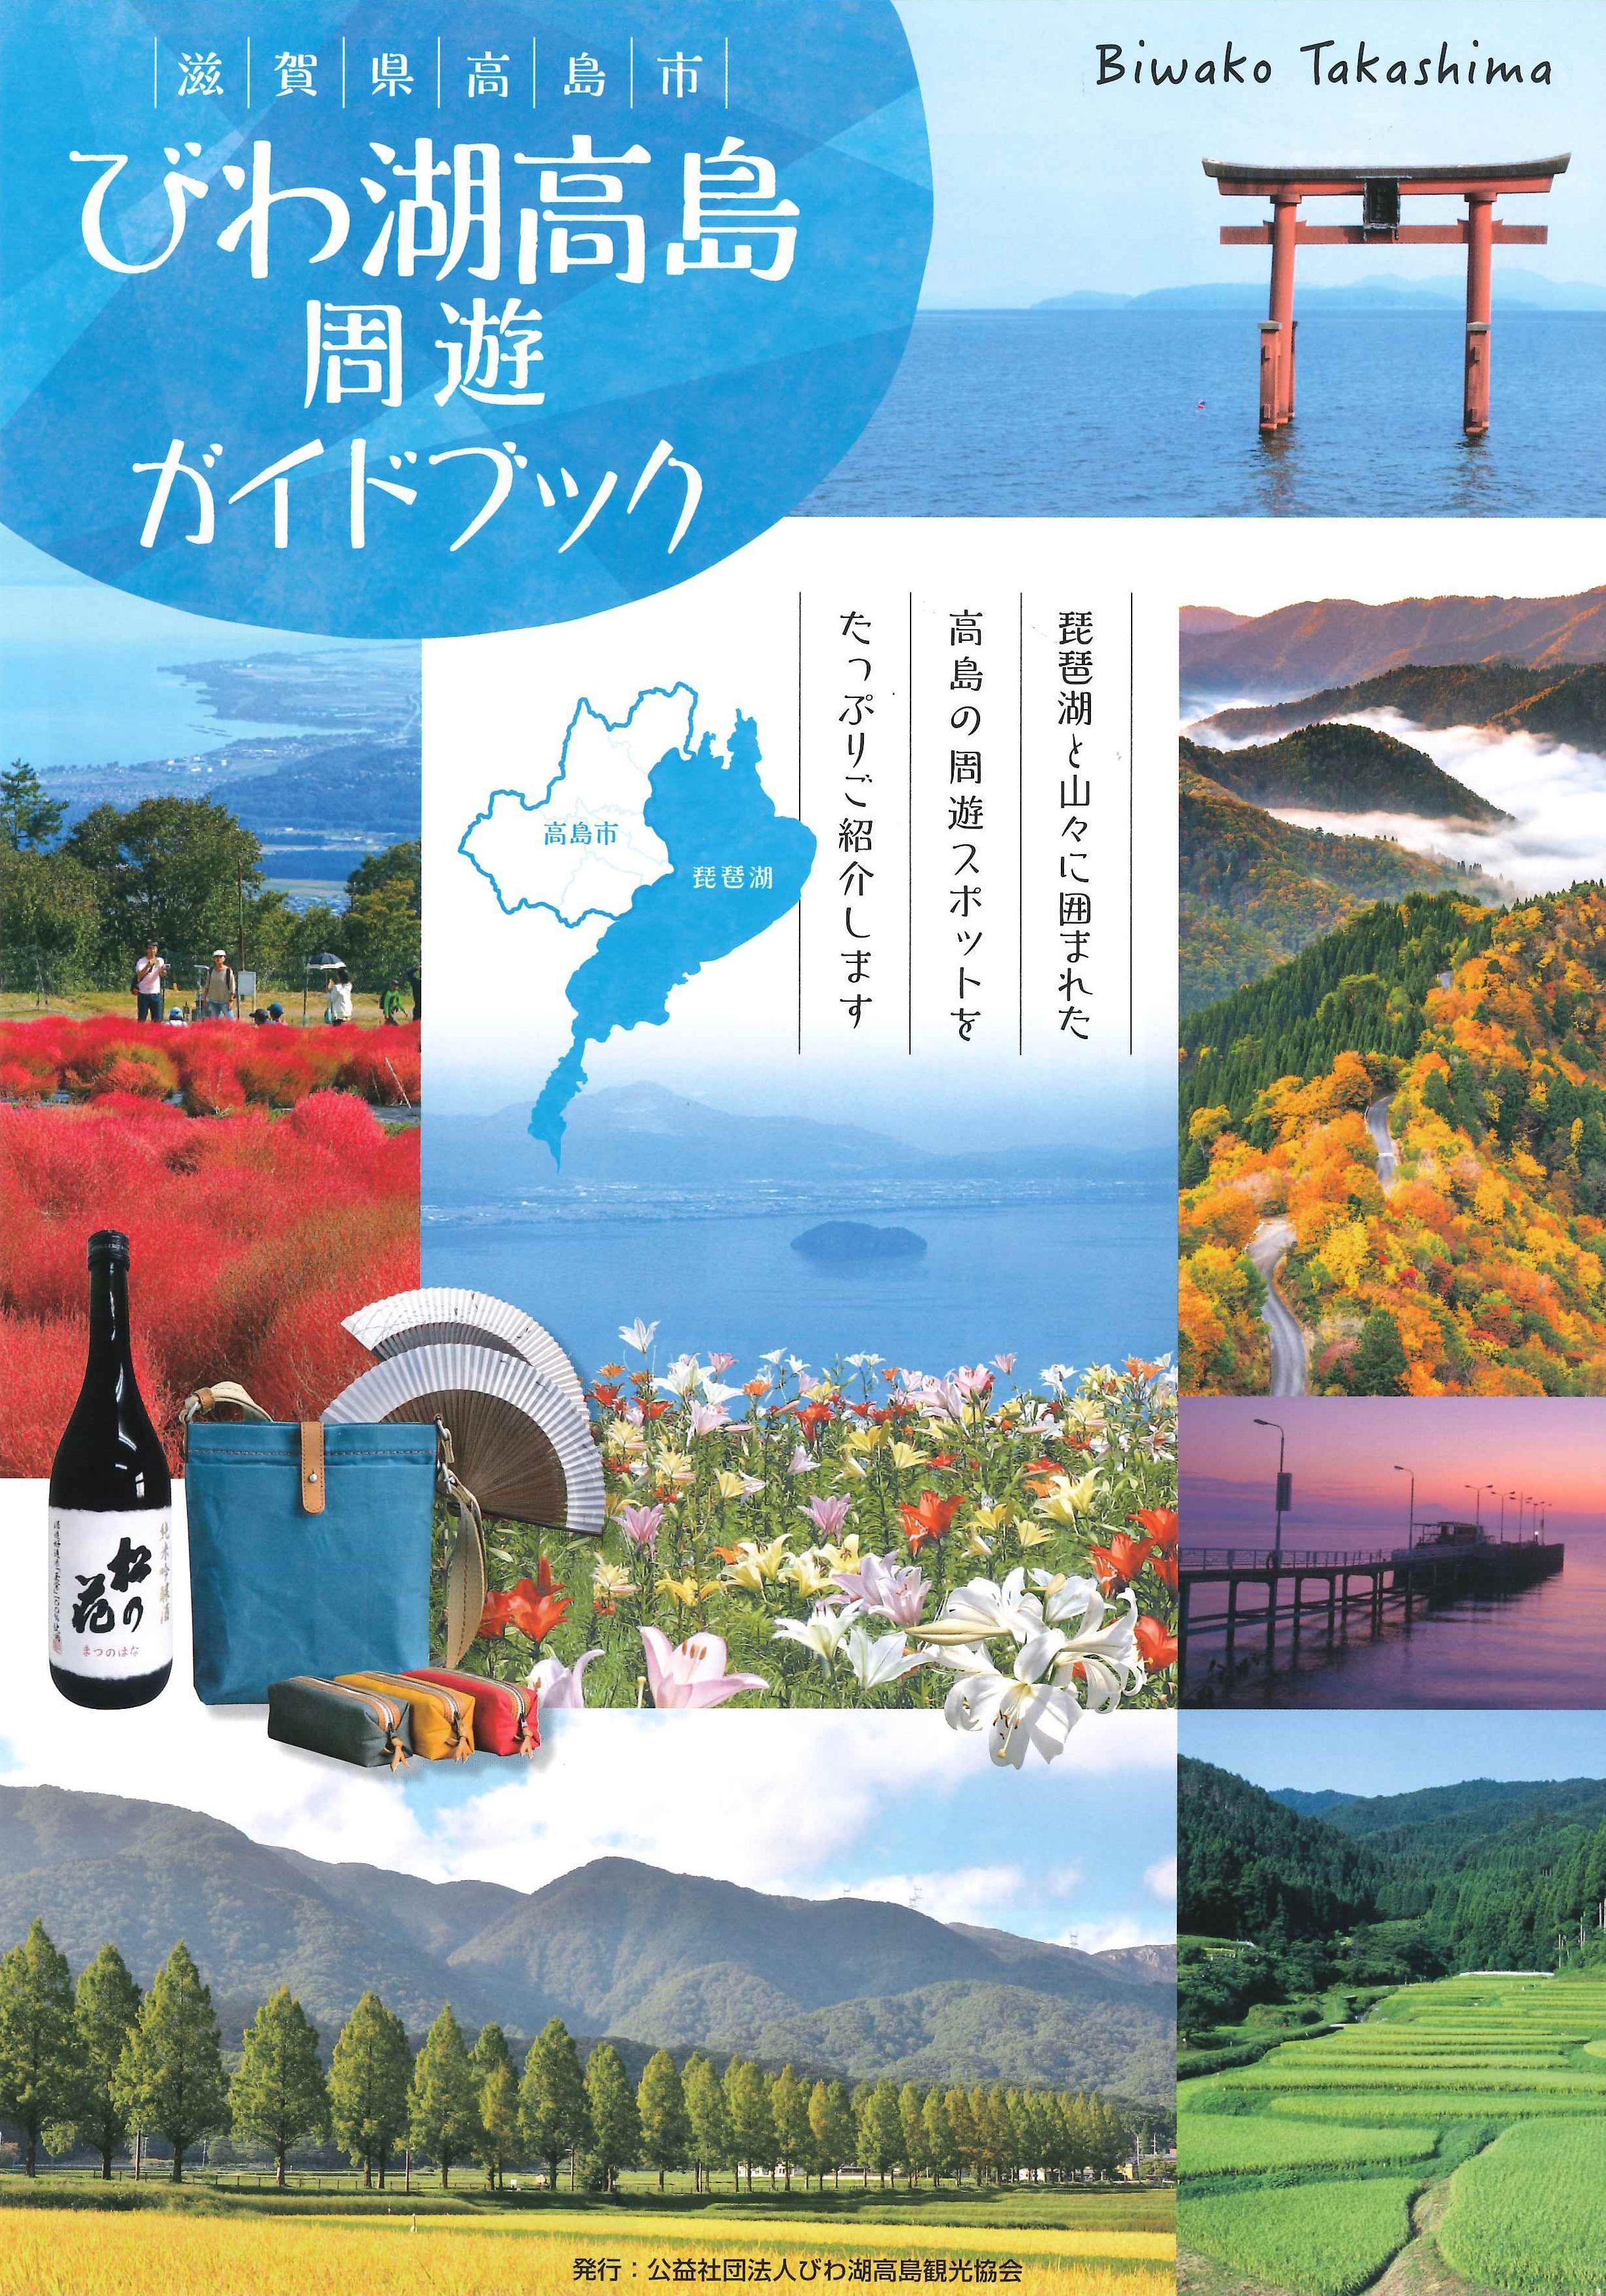 びわ湖高島周遊ガイドブック